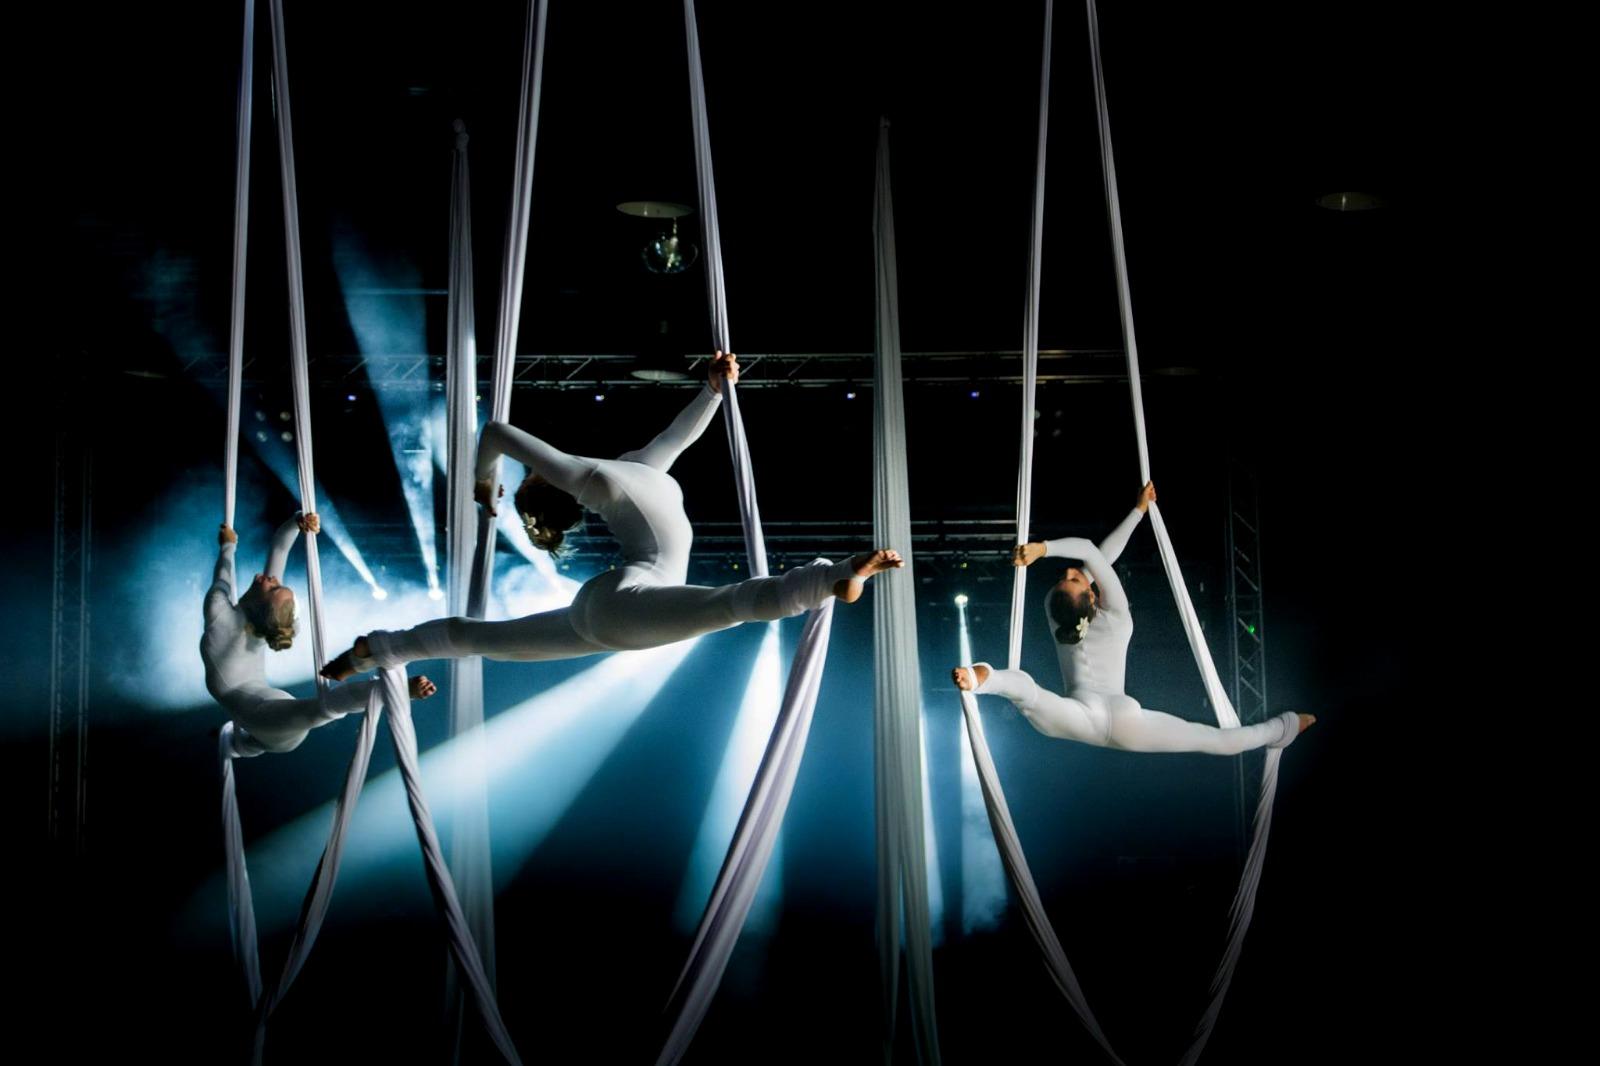 Aerial & Light Show by Vertigo